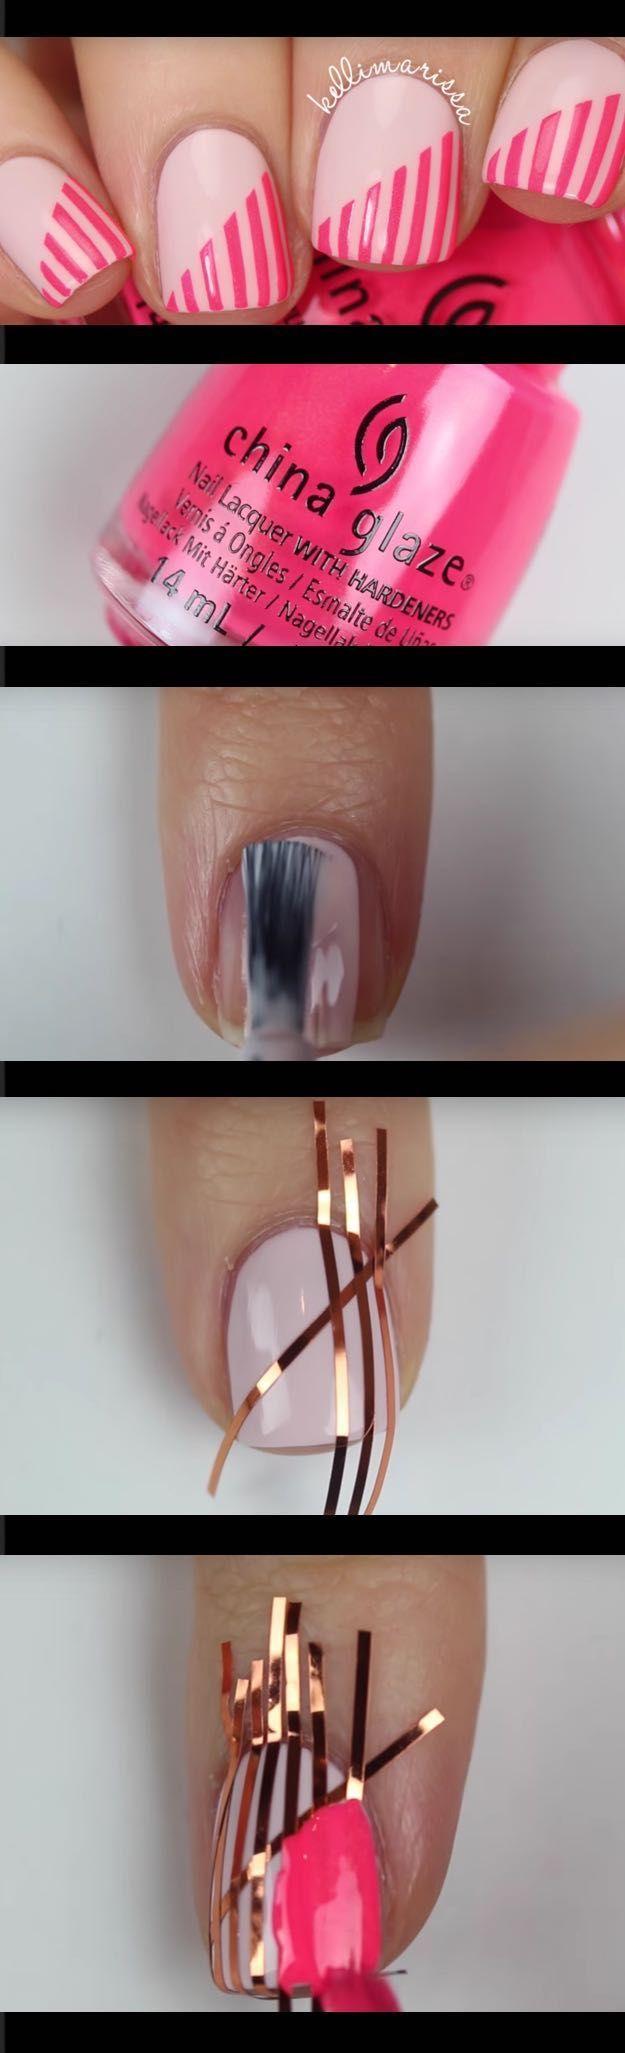 Super Easy Nail Art Ideas For Beginners Diy Beginner Striping Tape